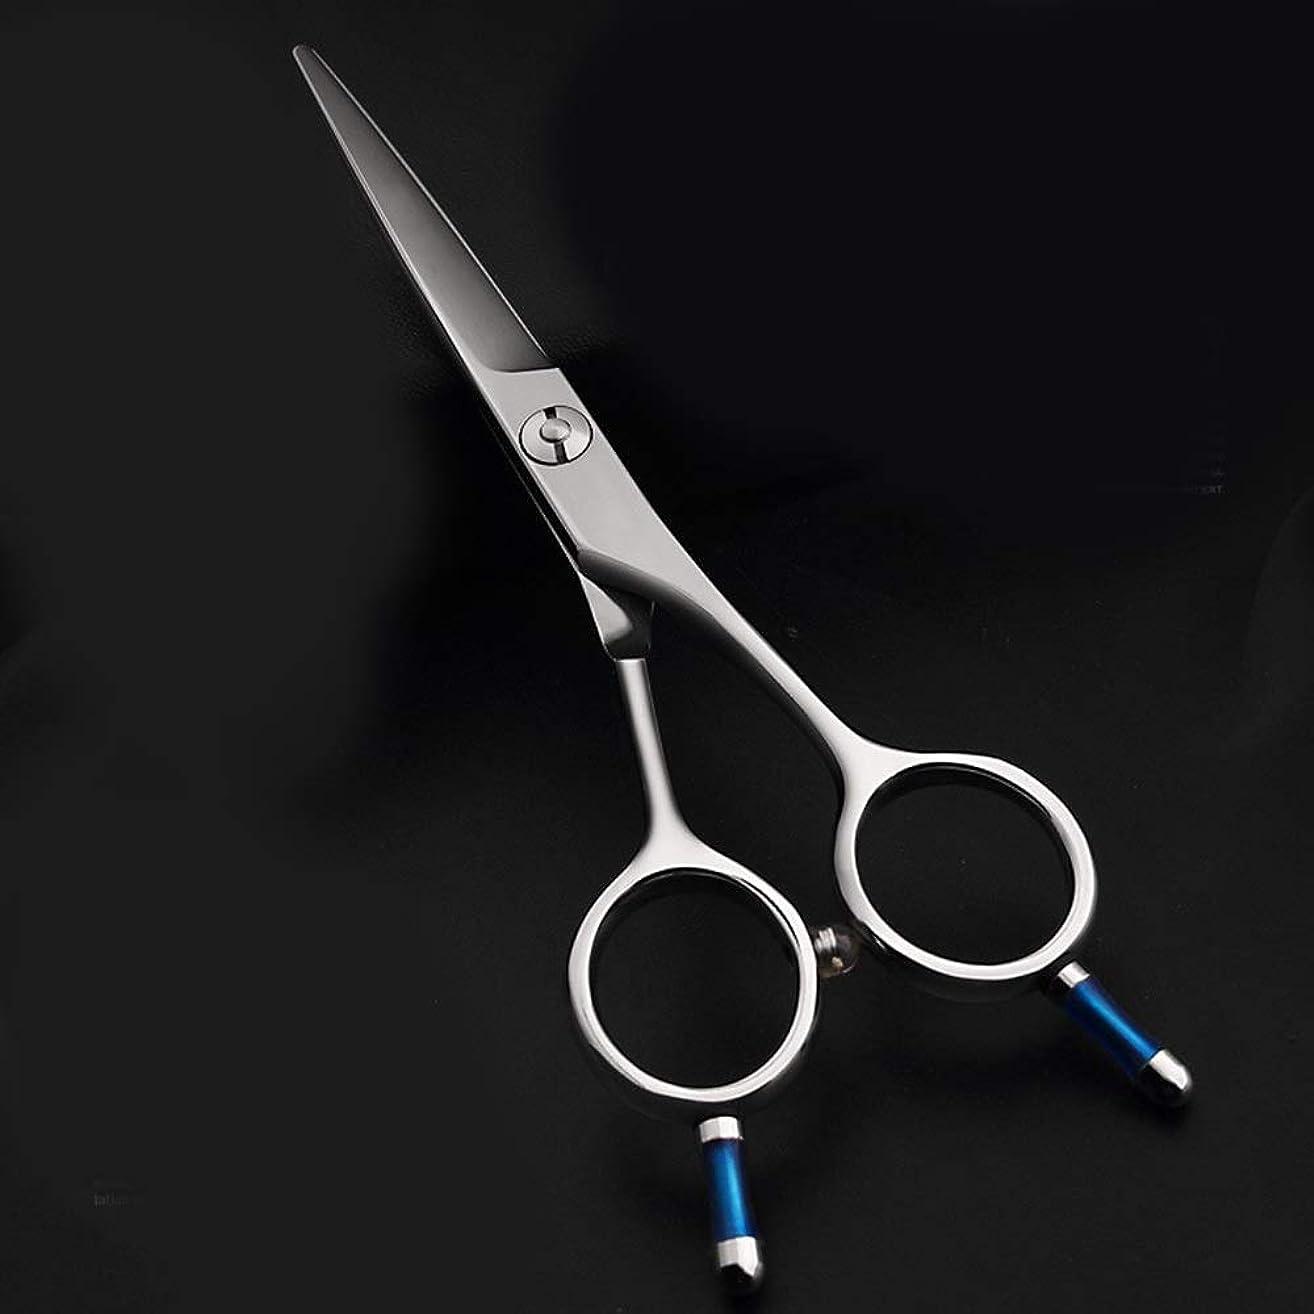 家庭教師に勝る購入5.5インチの理髪はさみ、440 CプロフェッショナルAワードせん断、美容院特別左利き利用可能な理髪はさみ モデリングツール (色 : Silver)